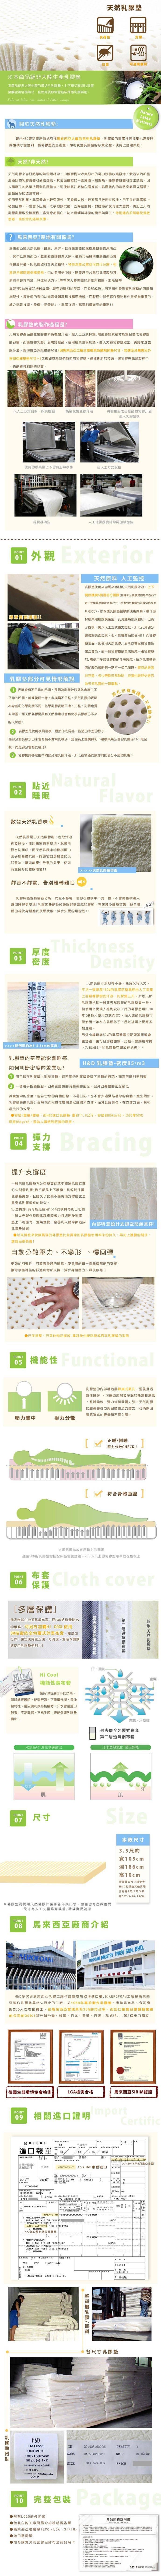 乳膠墊頂級10cm馬來西亞天然乳膠床墊(單大3.5尺)【H&D DESIGN】